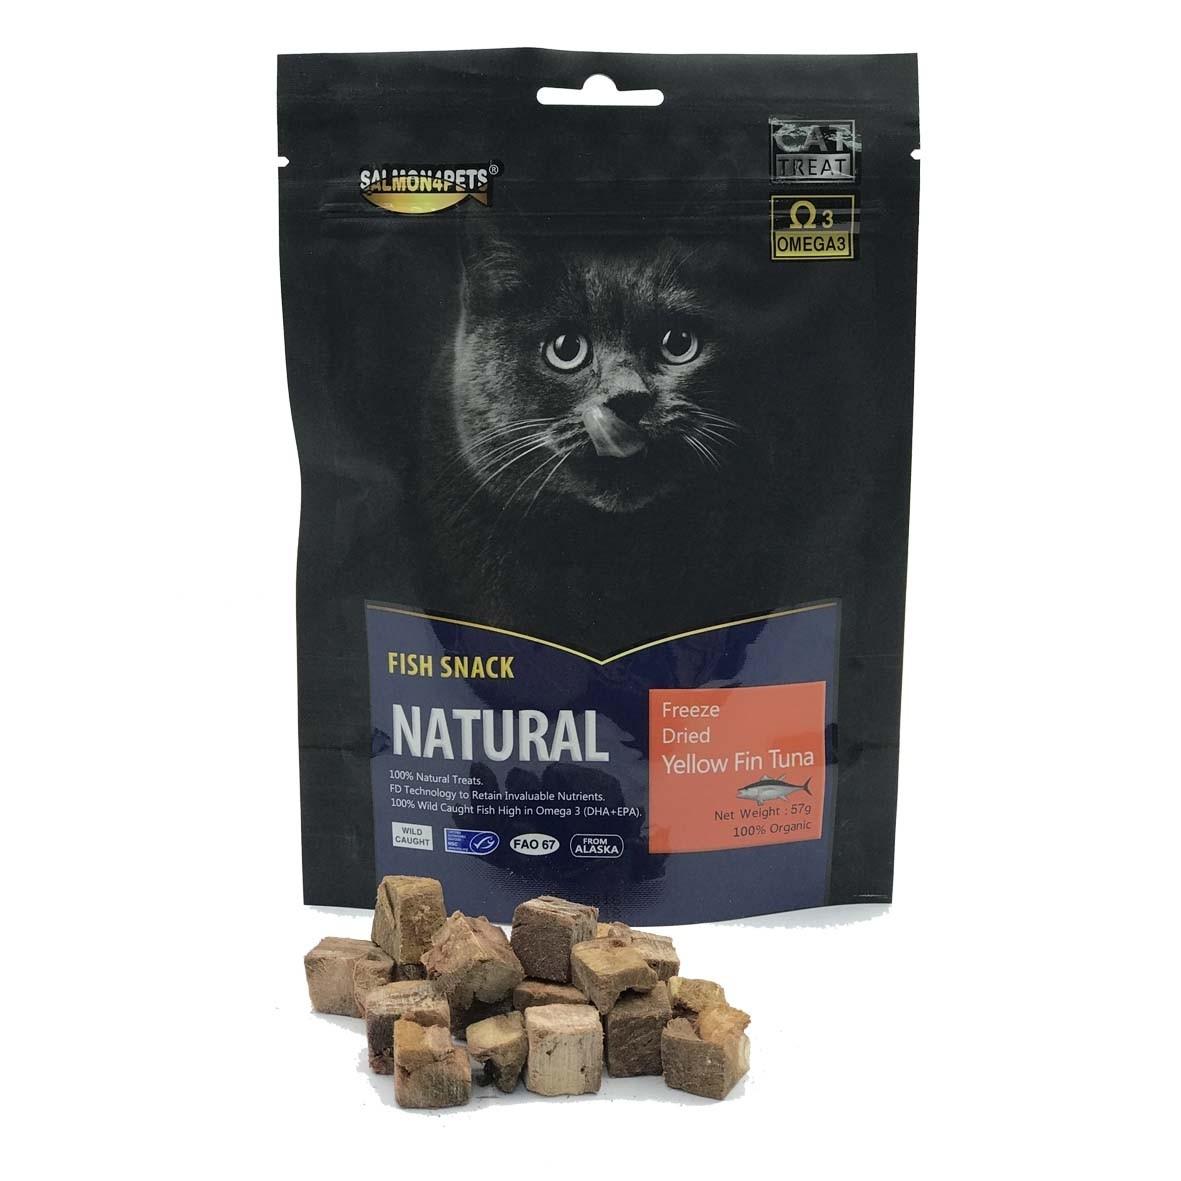 Salmon 4Pets Cat Treats Freeze Dried Yellow Fin Tuna- 57g (F52005)